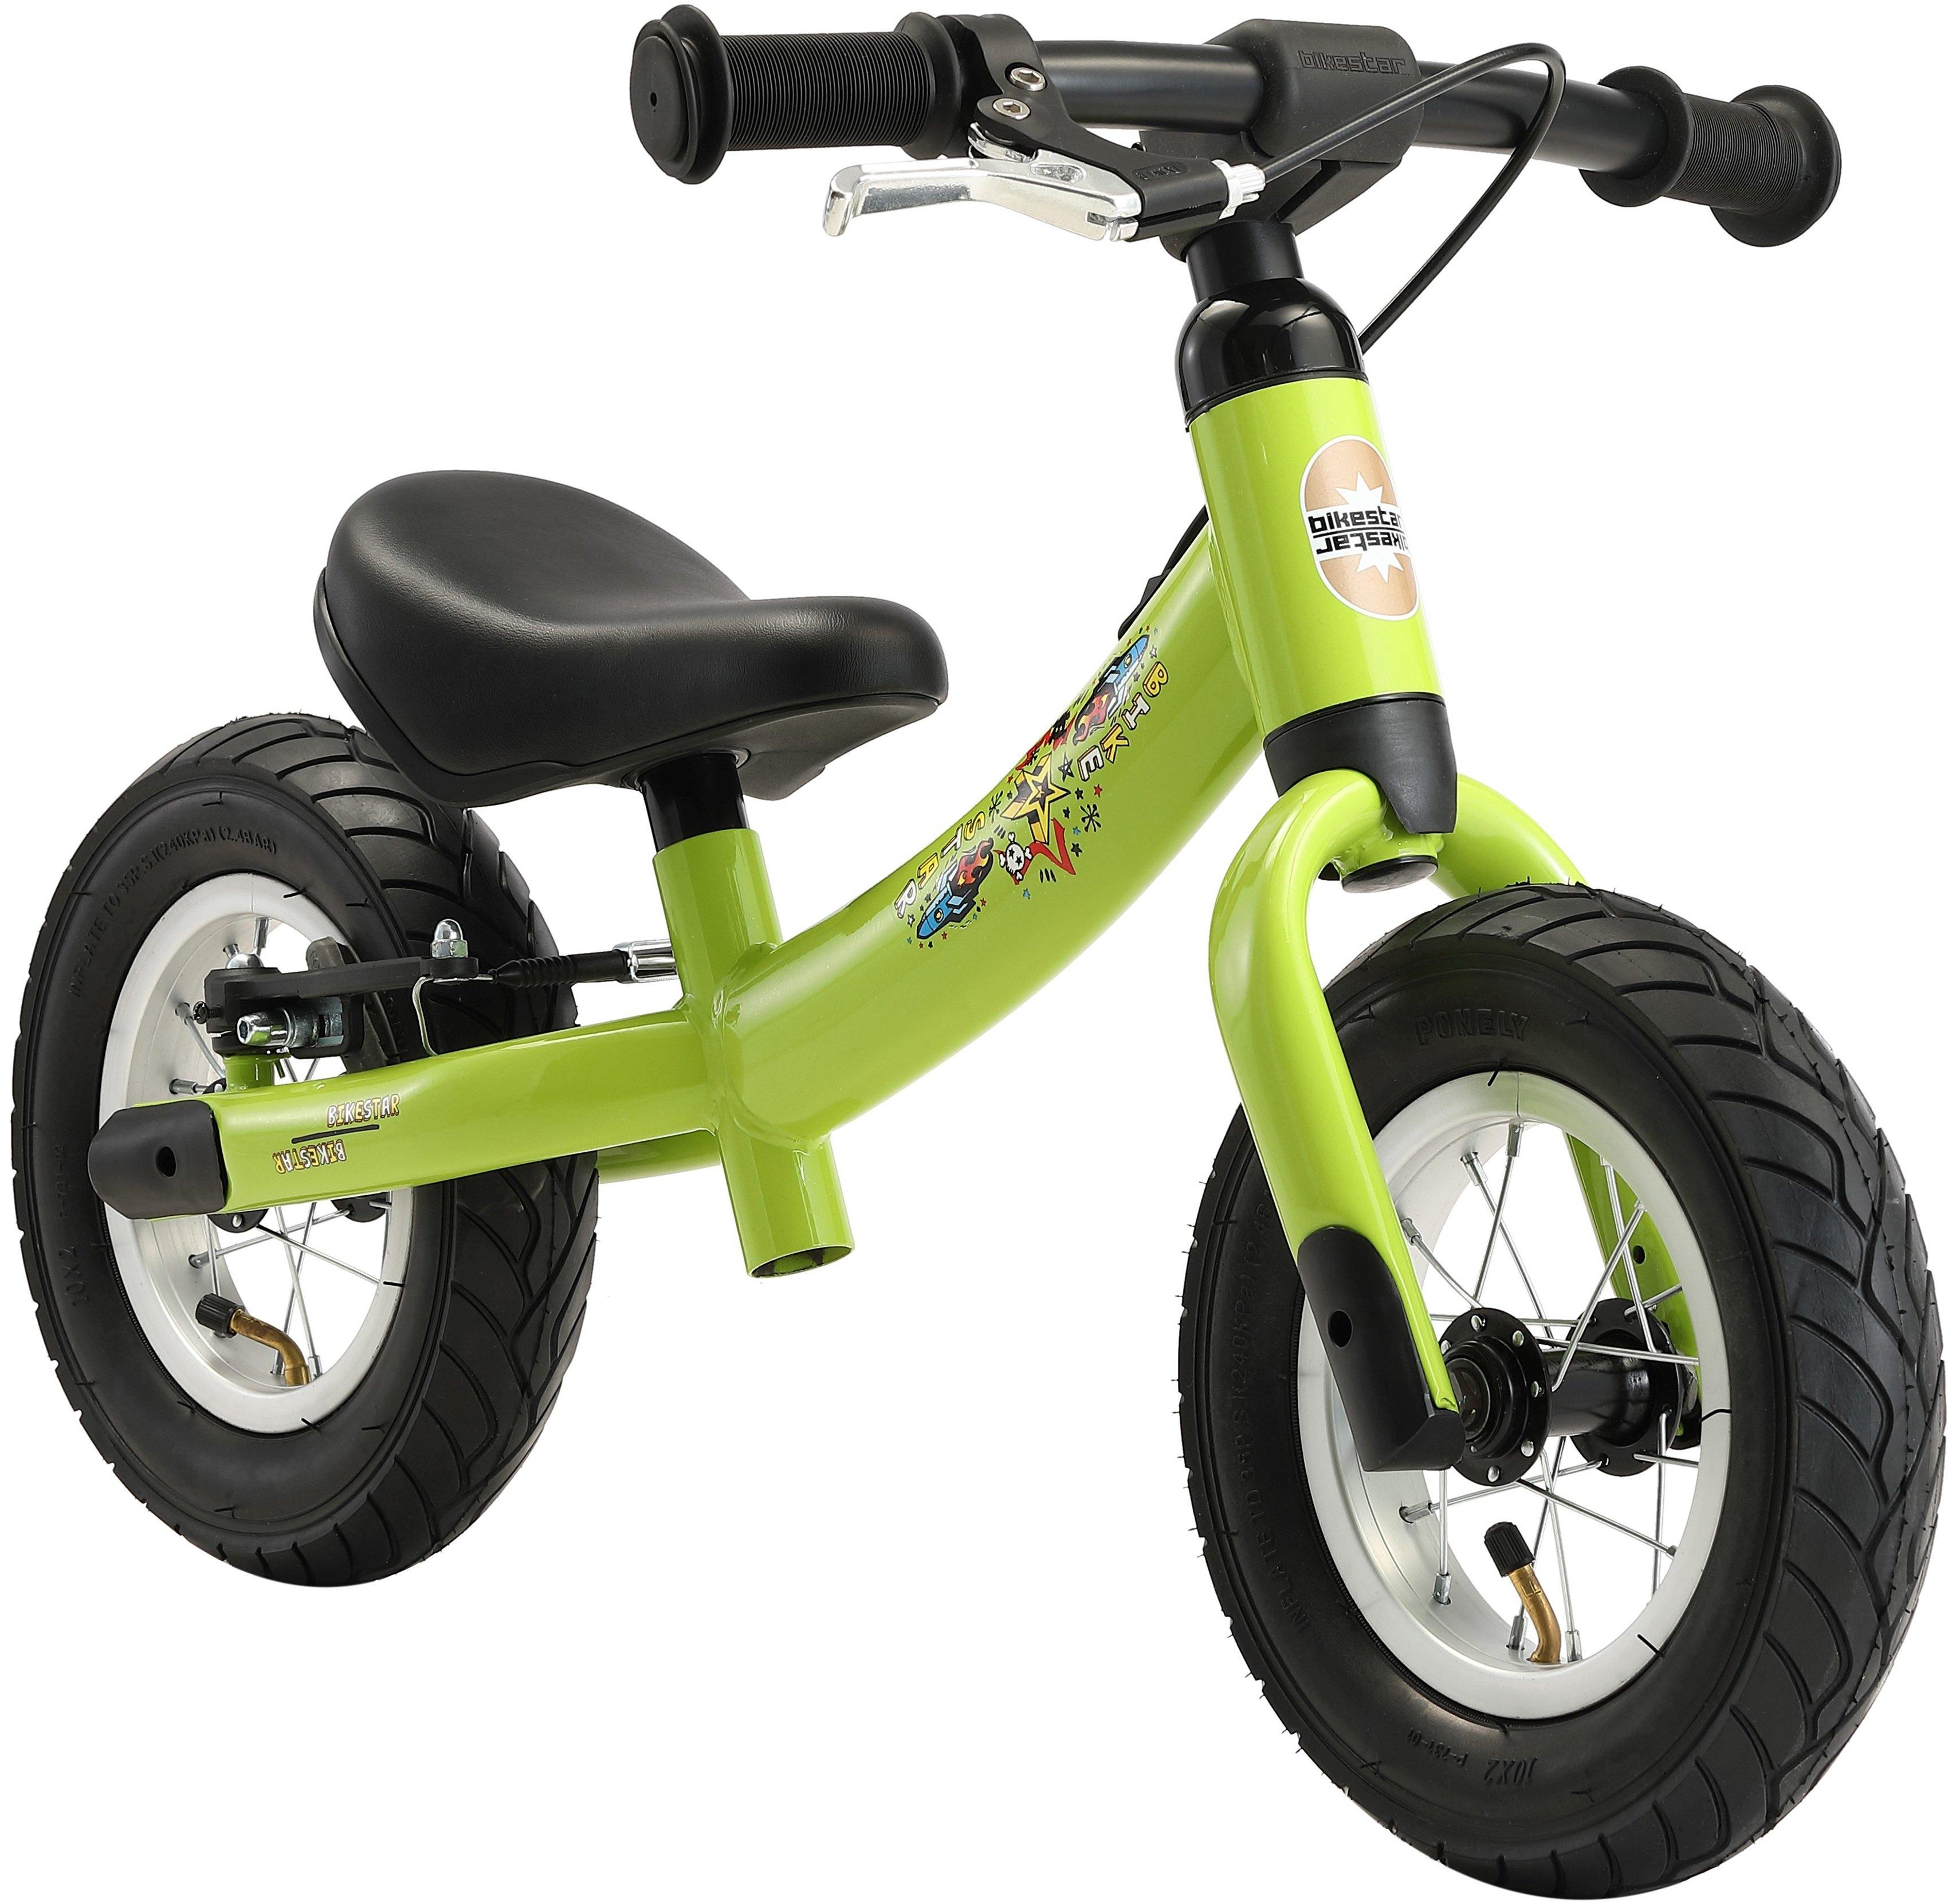 Bikestar loopfiets BIKESTAR kinder-loopfiets v.a. 2 jaar 10 inch Flex in de webshop van OTTO kopen